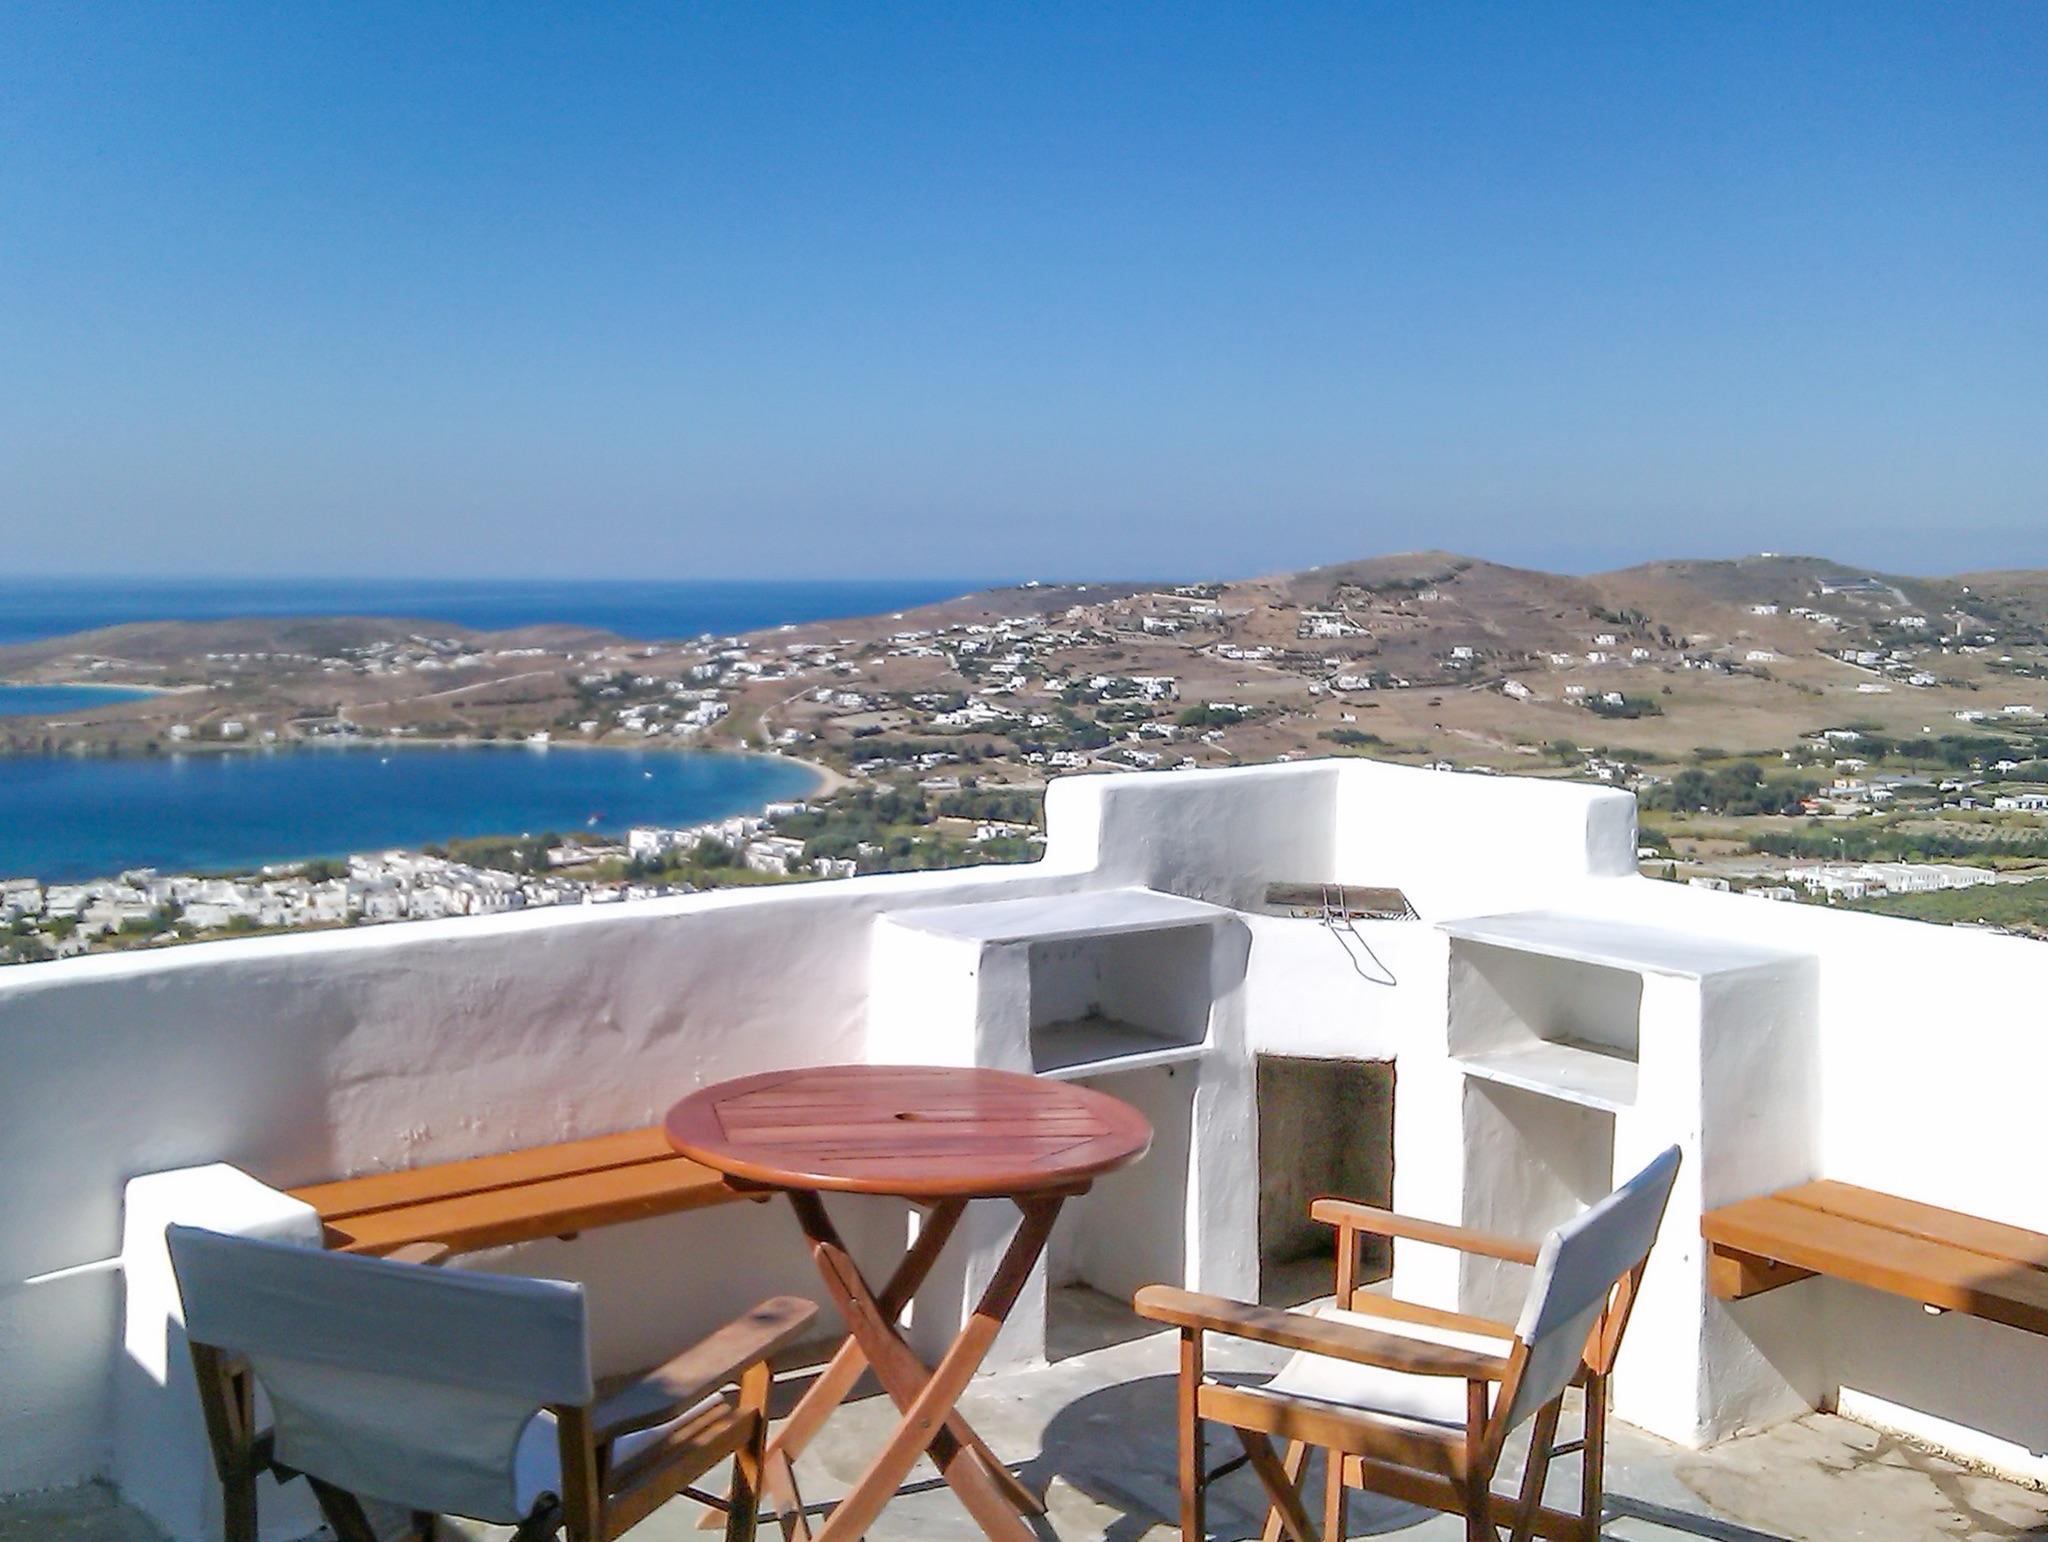 Ferienhaus Villa im Kykladen-Stil auf Paros (Griechenland), mit 2 Schlafzimmern, Gemeinschaftspool &  (2201782), Paros, Paros, Kykladen, Griechenland, Bild 3